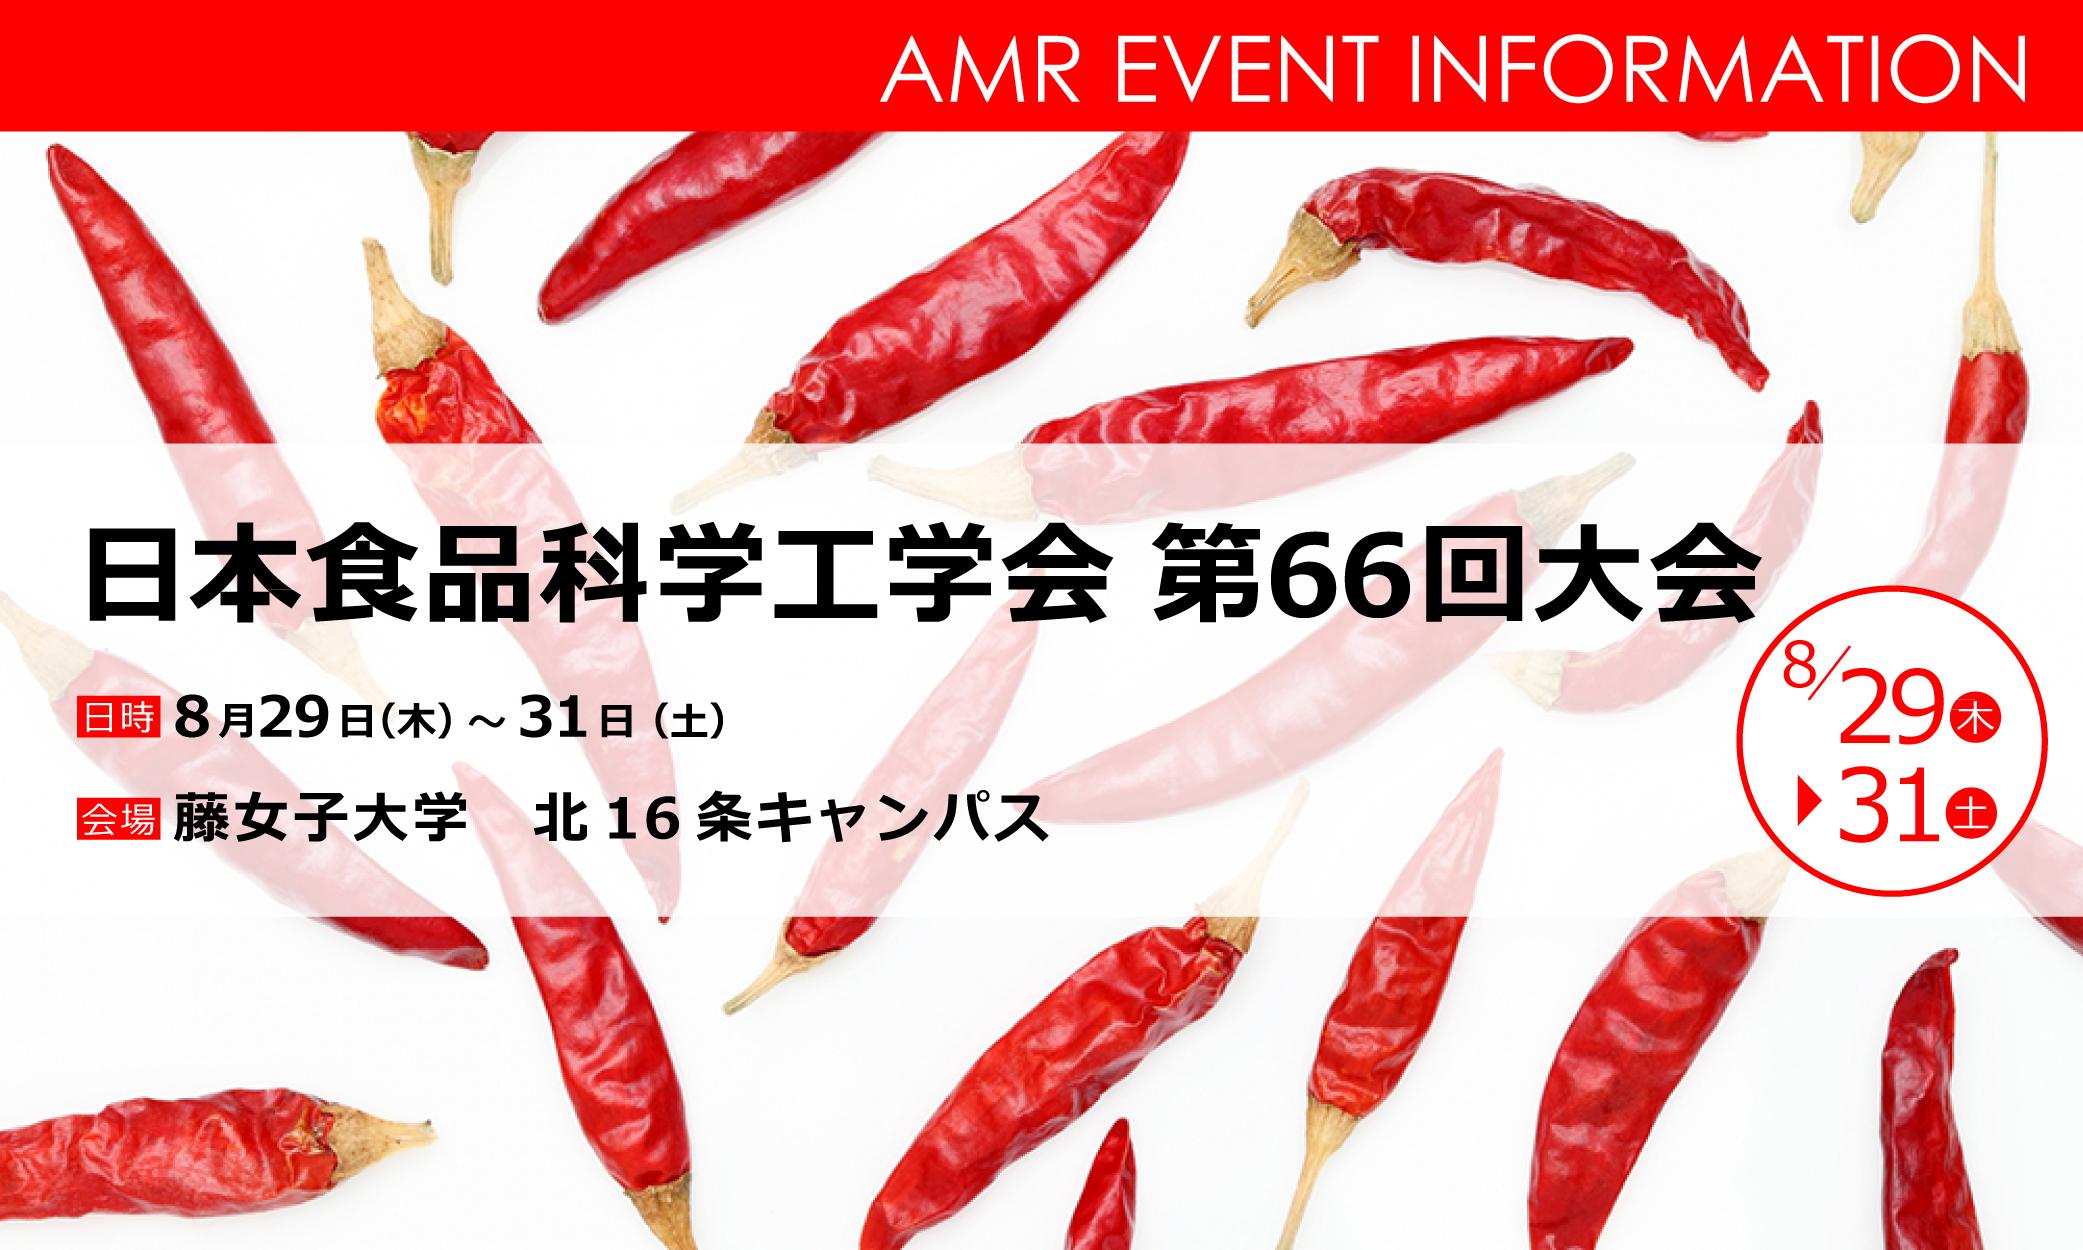 日本食品科学工学会第66回大会の企業展示、ランチョンセミナーのお知らせ